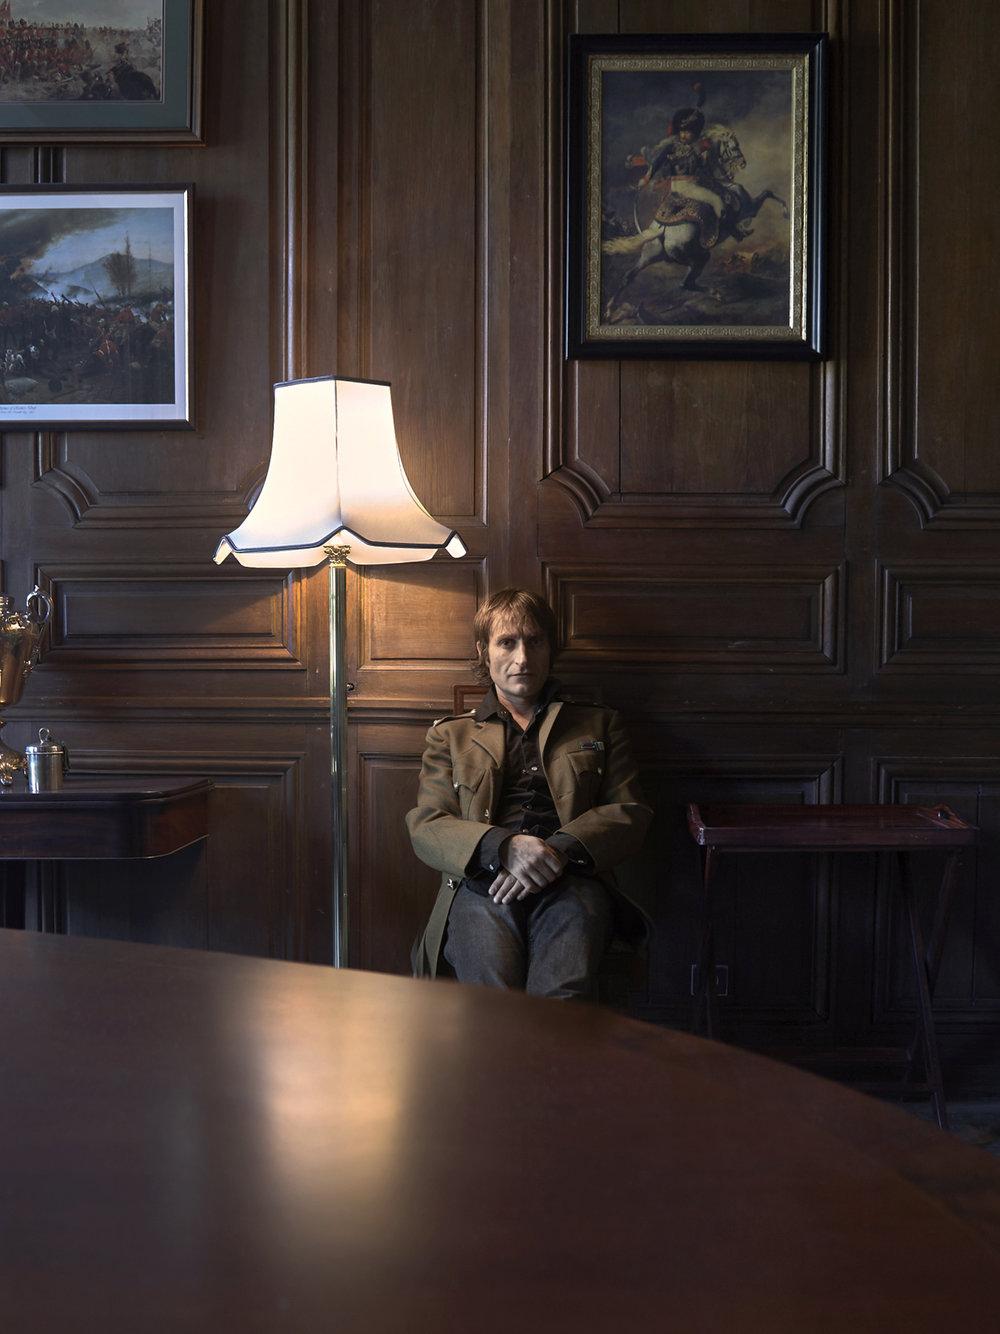 Saul-James-Hey-Ma-Julian-Ward-2.jpg